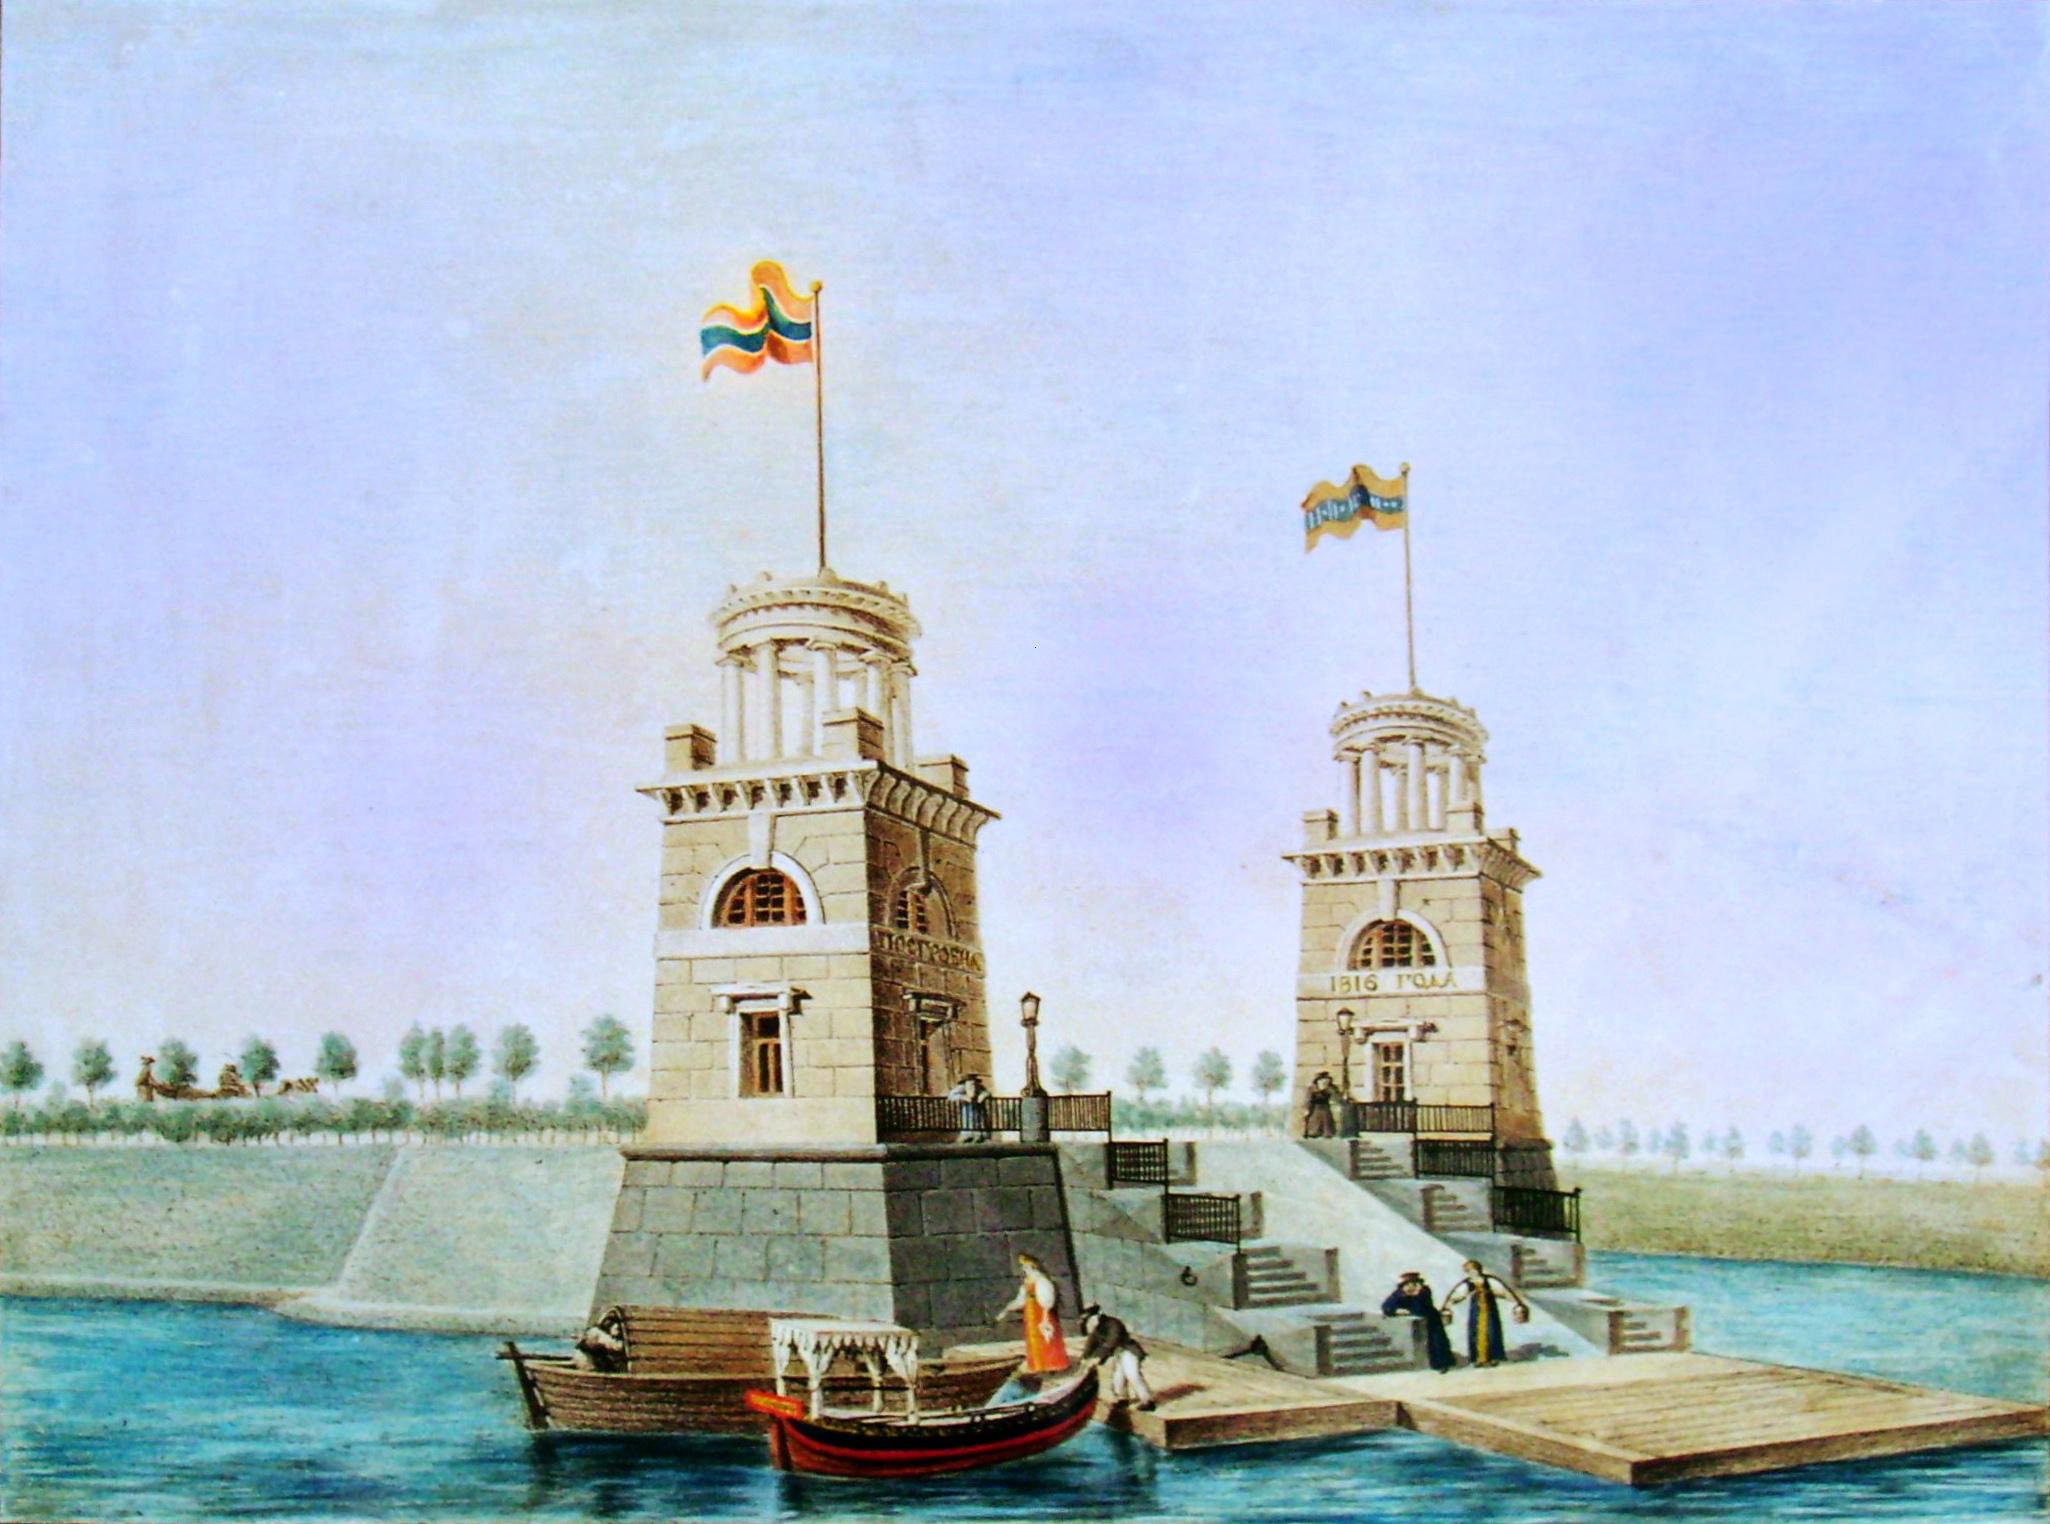 2. Вид Каменной Пристани на реке Волхове в селе Грузине. Рисовал на камне Архитектор Семенов 1821 года.